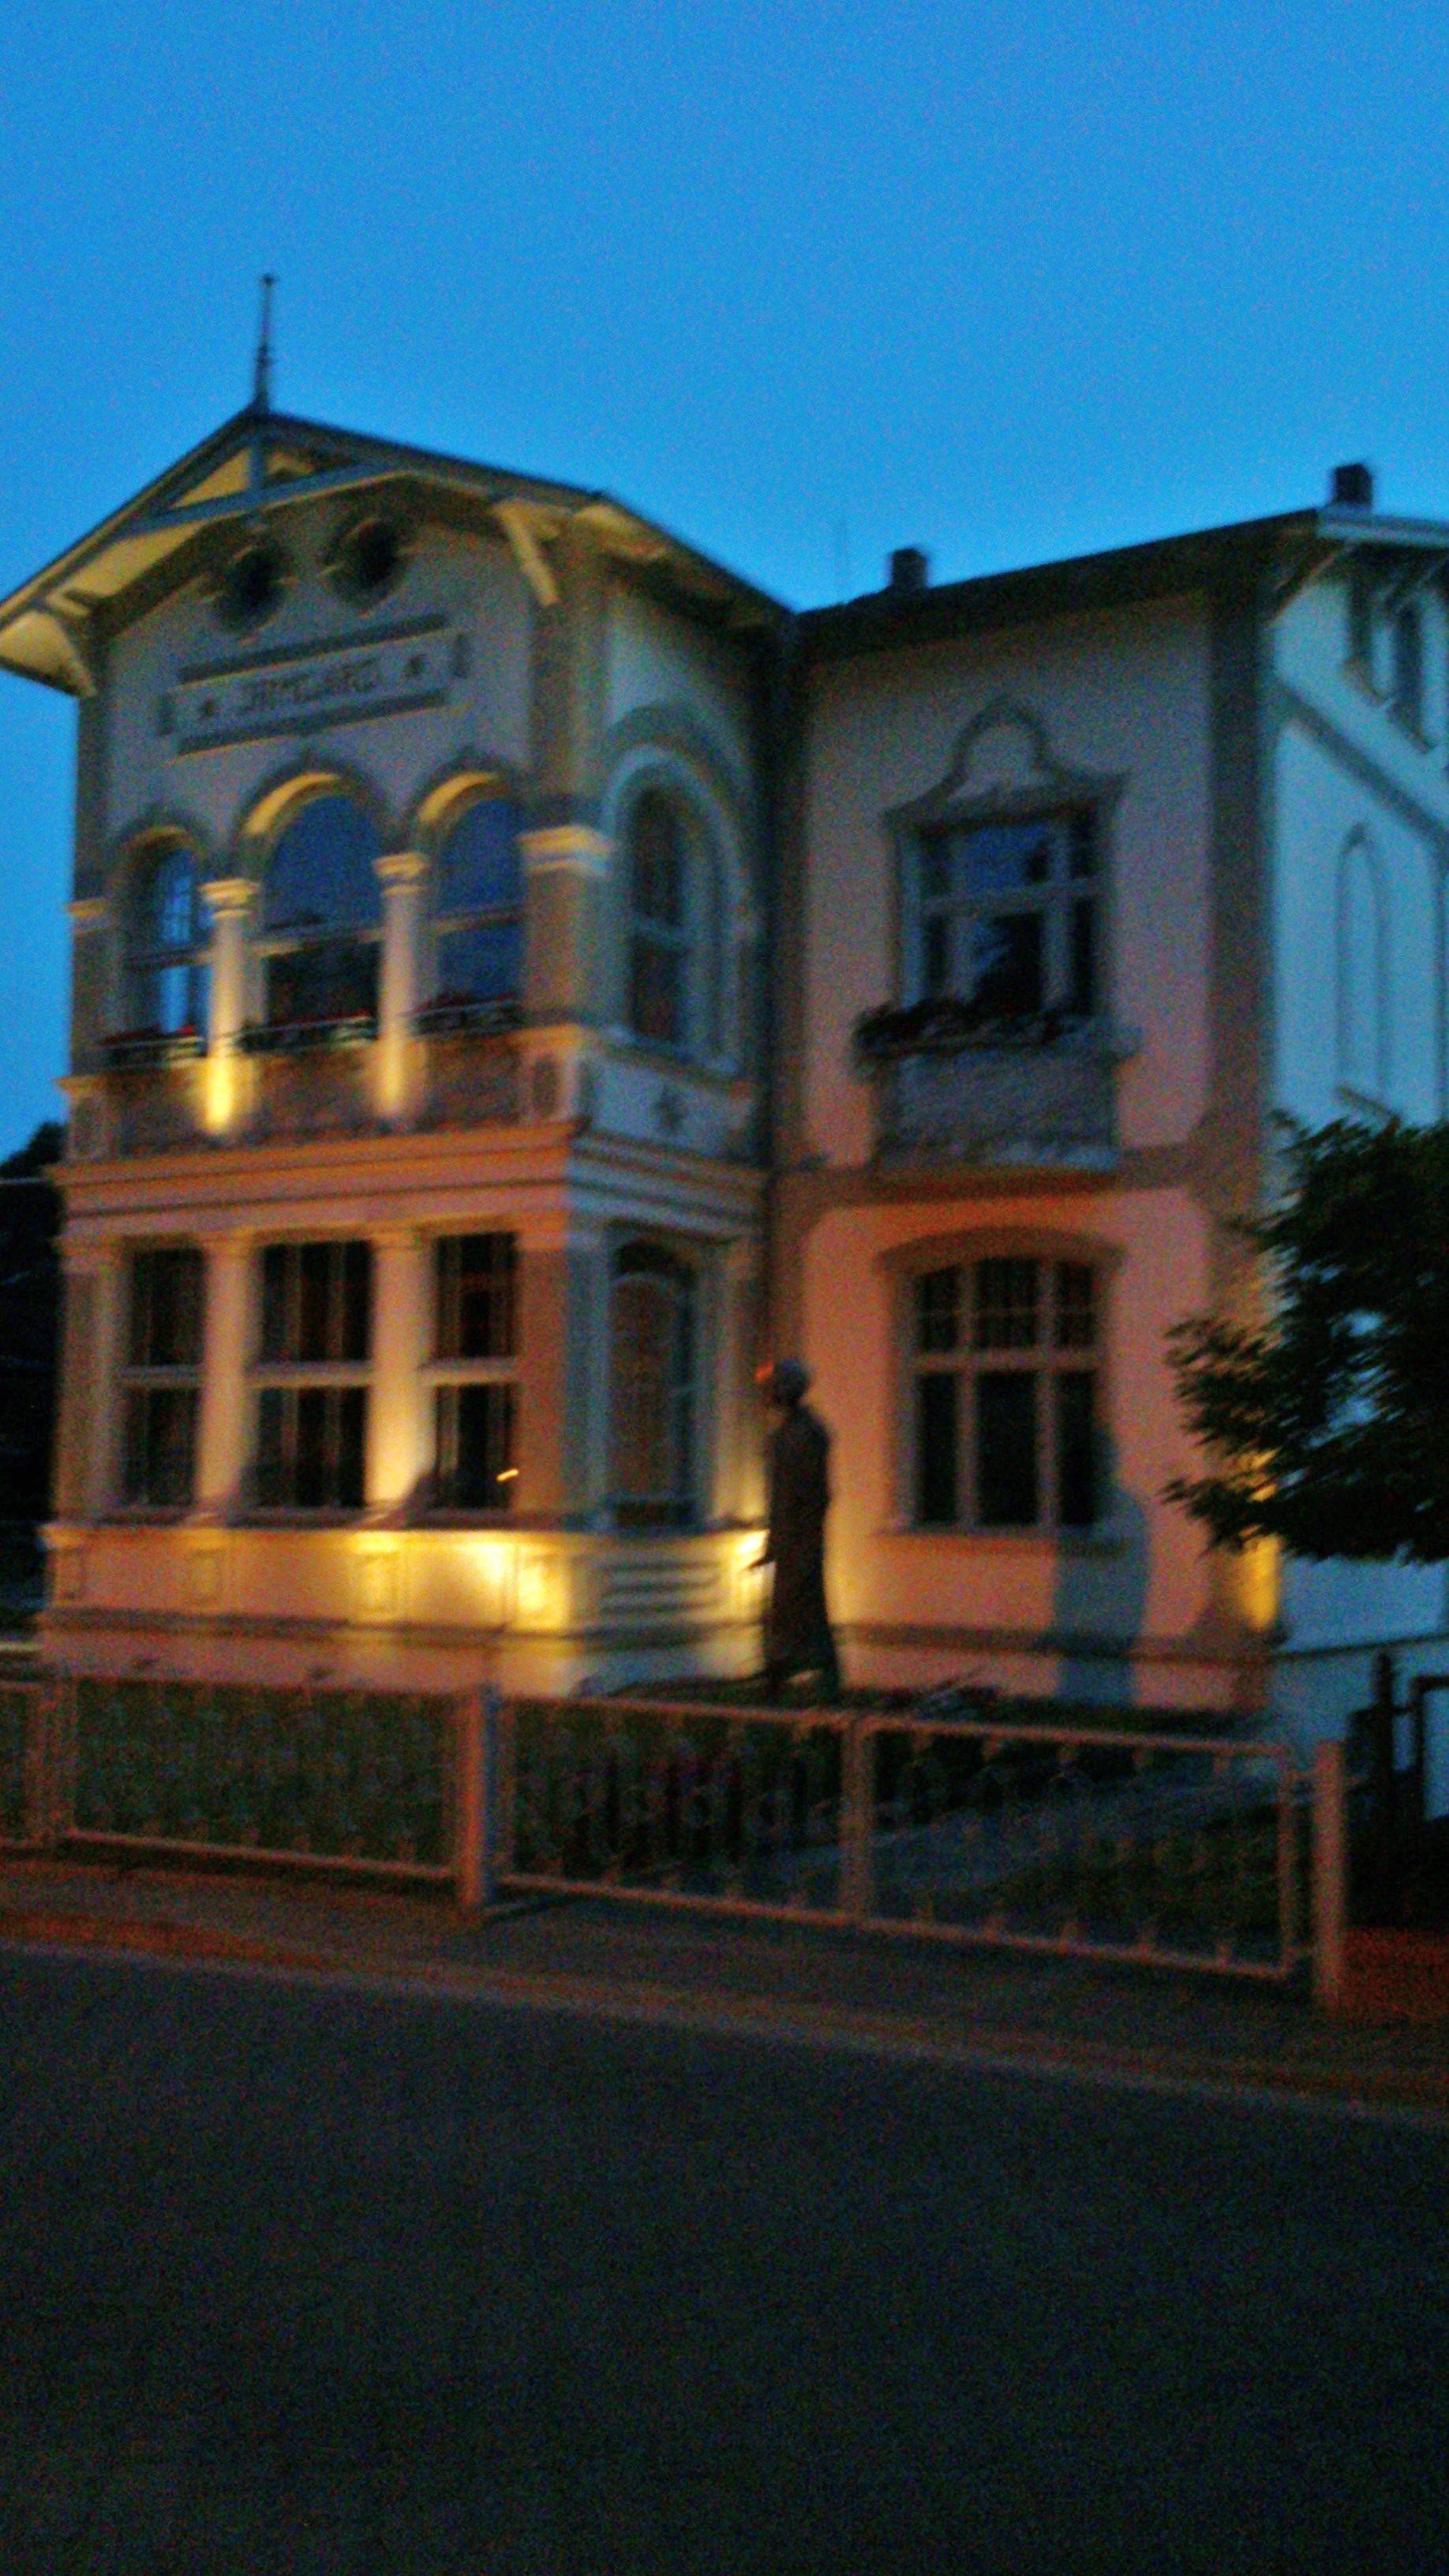 Wohnhaus auf der Insel Usedom von Maxim Gorki, jetzt